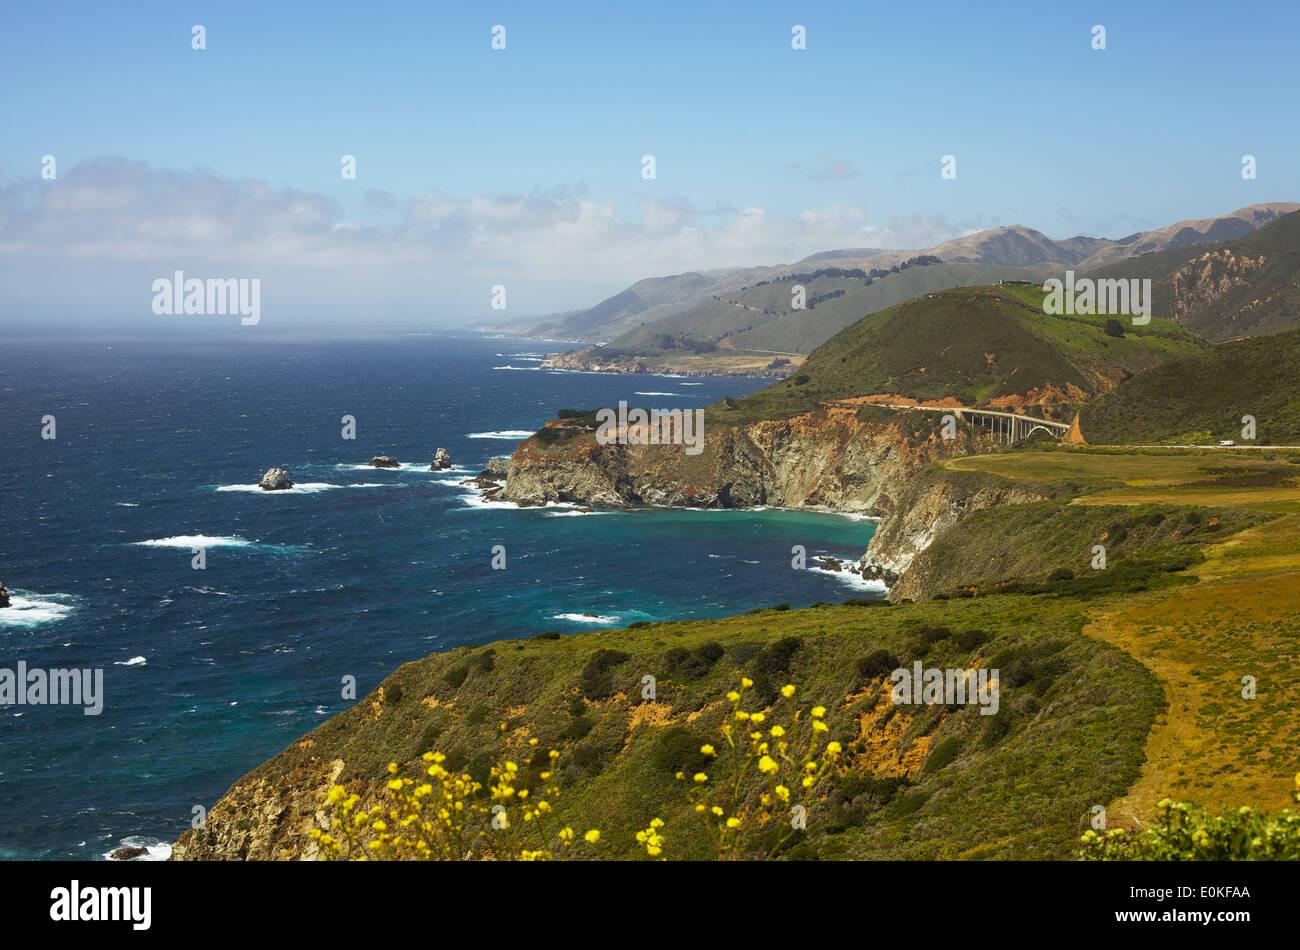 Una vista de la costa a lo largo de la autopista 1 en Big Sur, California. Imagen De Stock